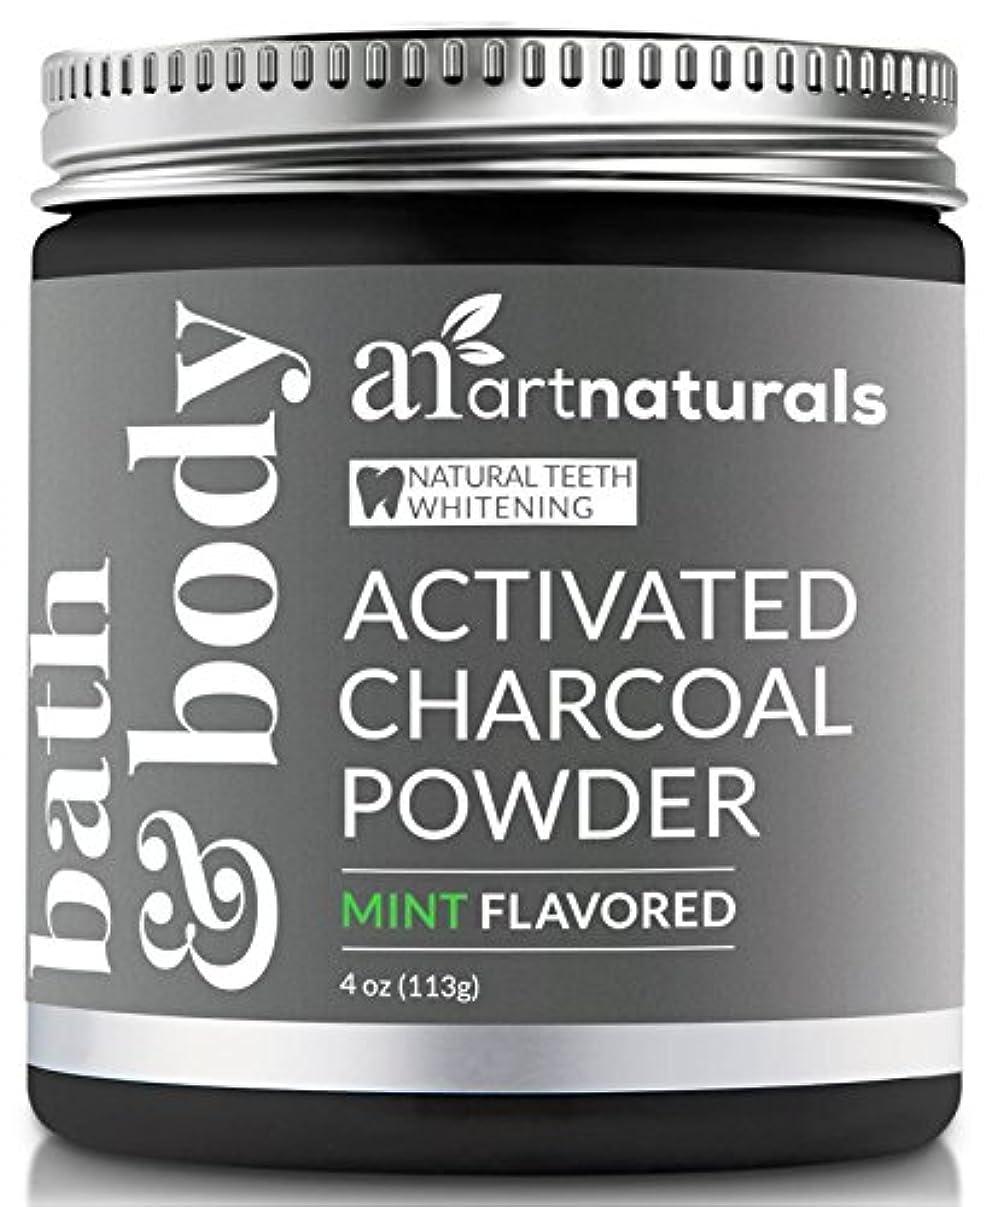 妨げる花弁がんばり続けるArtNaturals Teeth Whitening Charcoal Powder - (4 Oz / 113g) - Activated Charcoal for a Natural, Non-Abrassive...